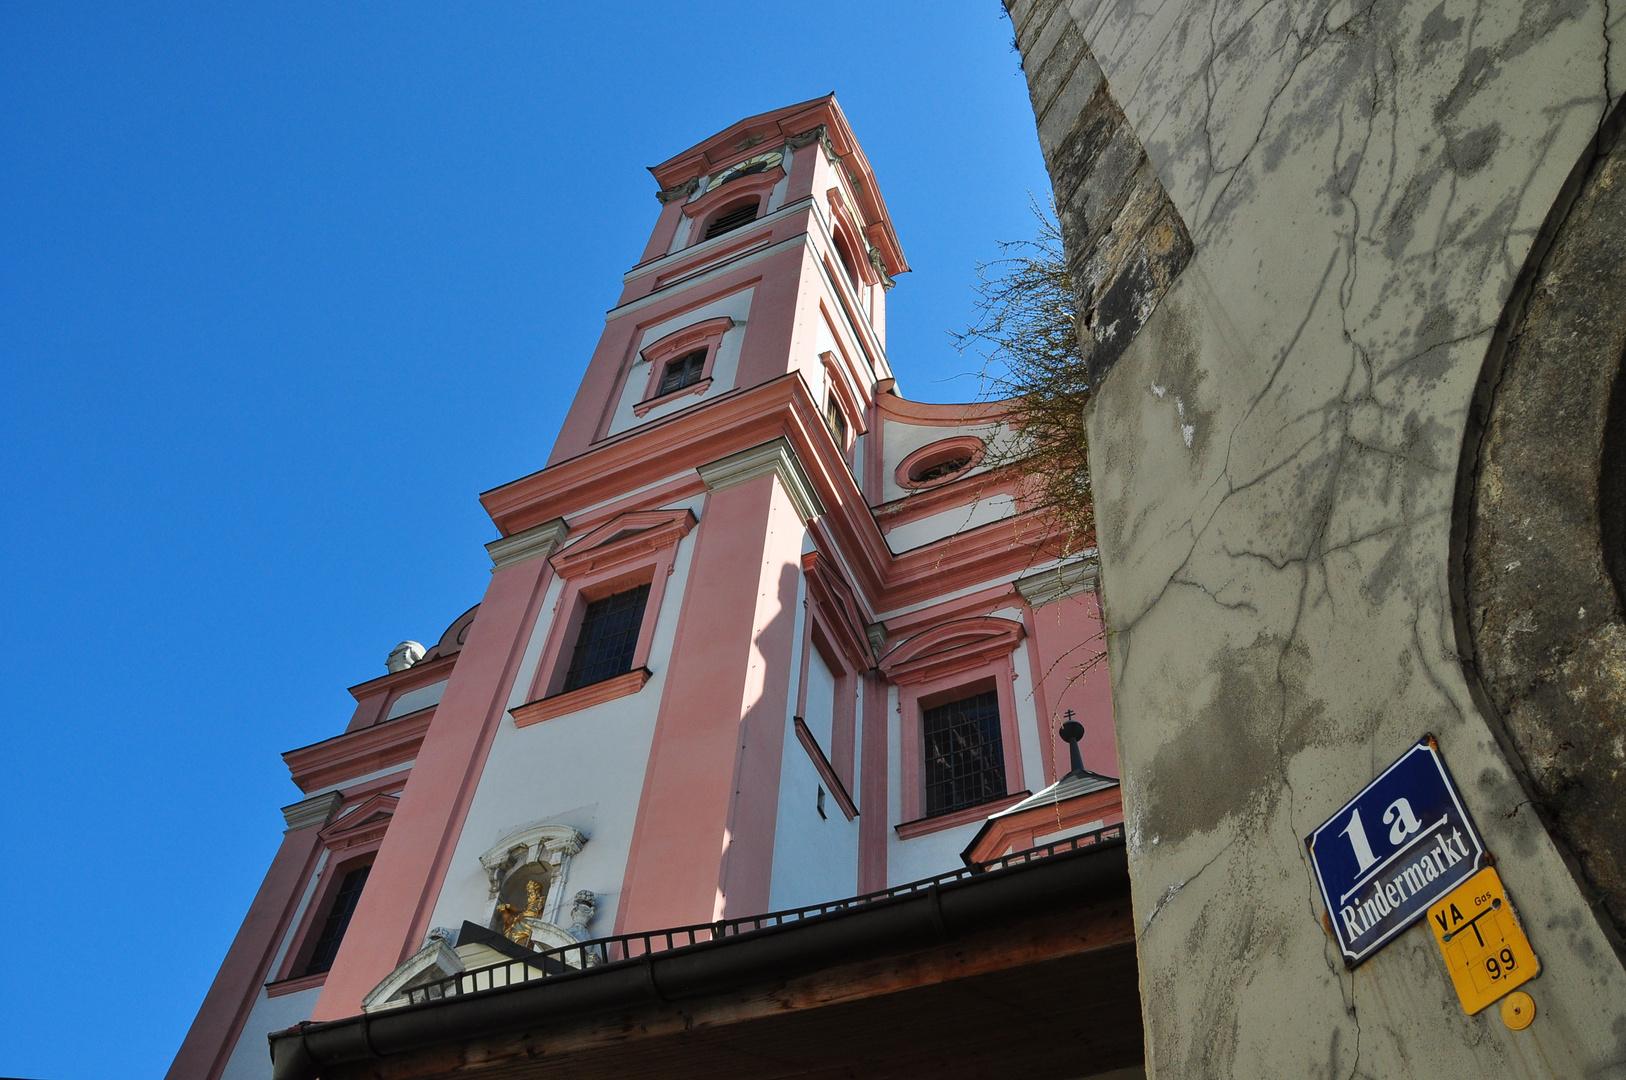 Passauer Stadtbummel 1